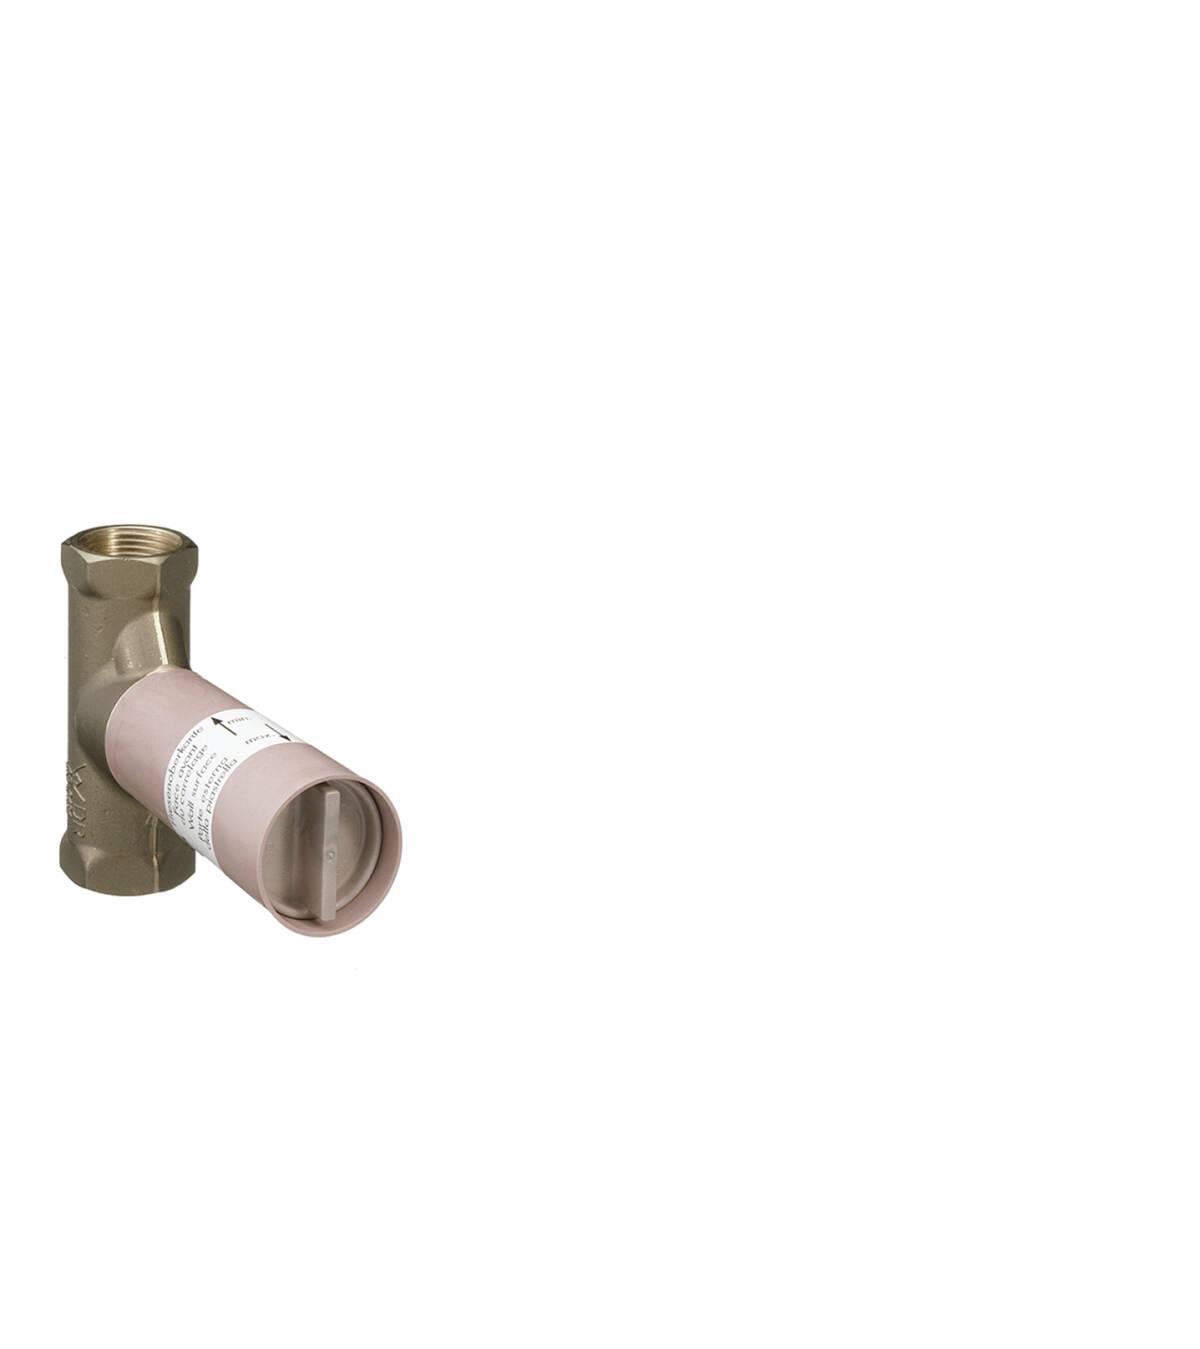 Basic set 40 l/min for concealed installation for shut-off valve ceramic, n.a., 16974180